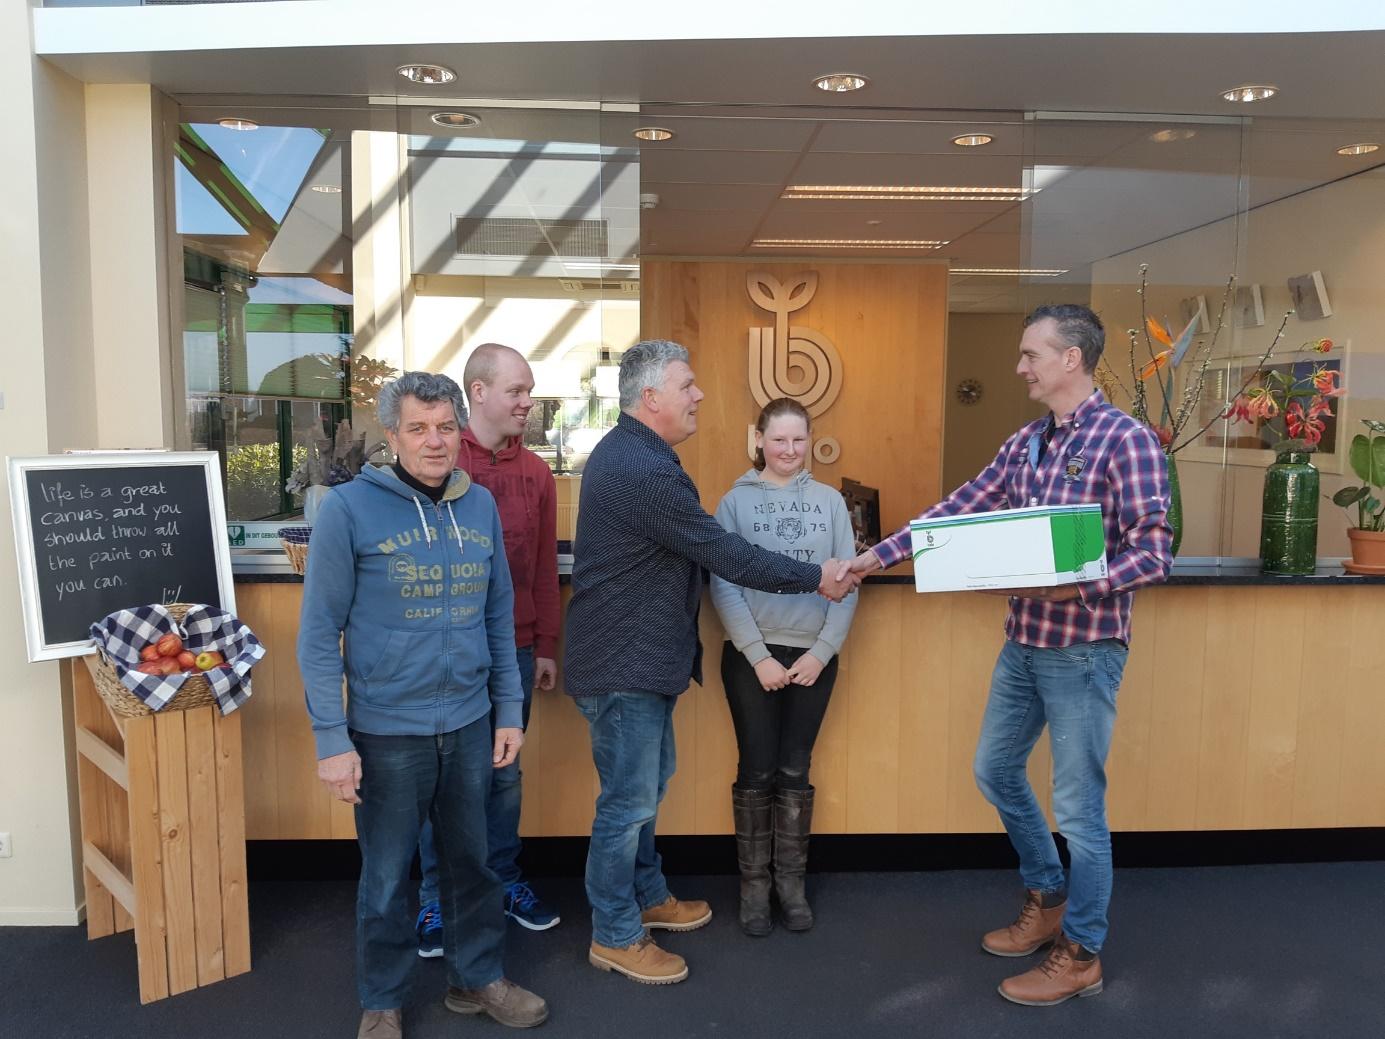 Medewerkers van de Zorgboerderij Blij op de Boerderij ontvangen hun zaadpakket uit handen van Ronald Tesselaar van Bejo Zaden bv. (Foto: Hans Groen)